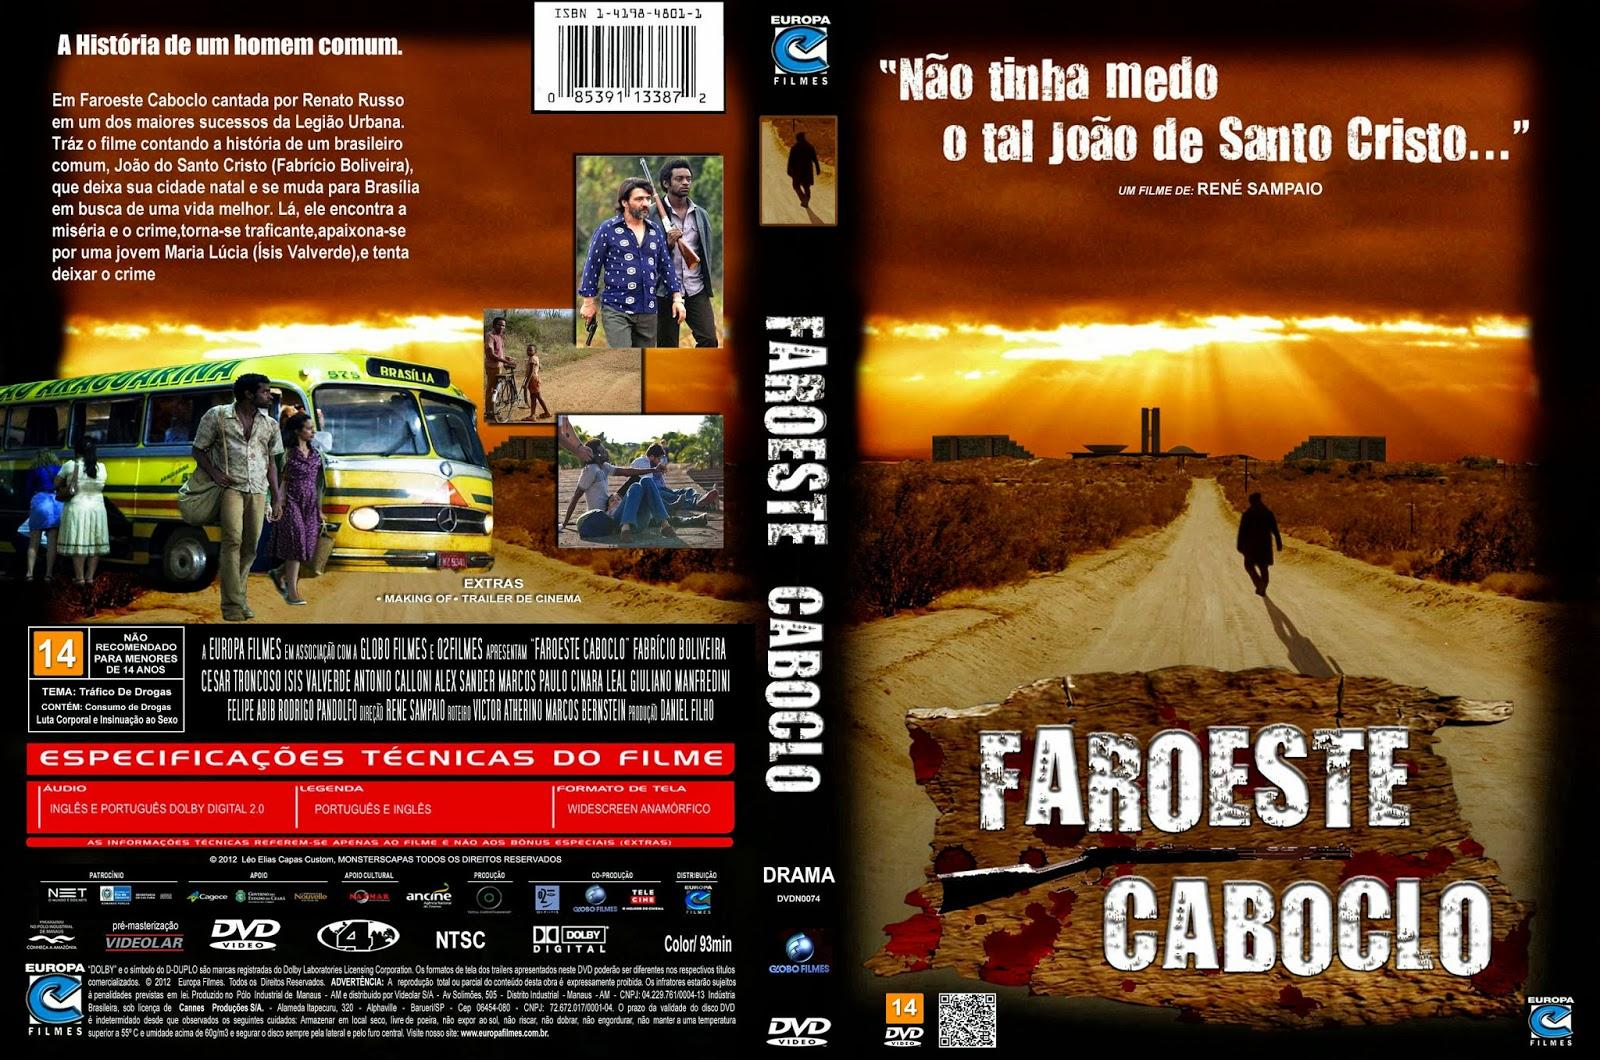 Faroeste Caboclo - JungleKey pt Imagem